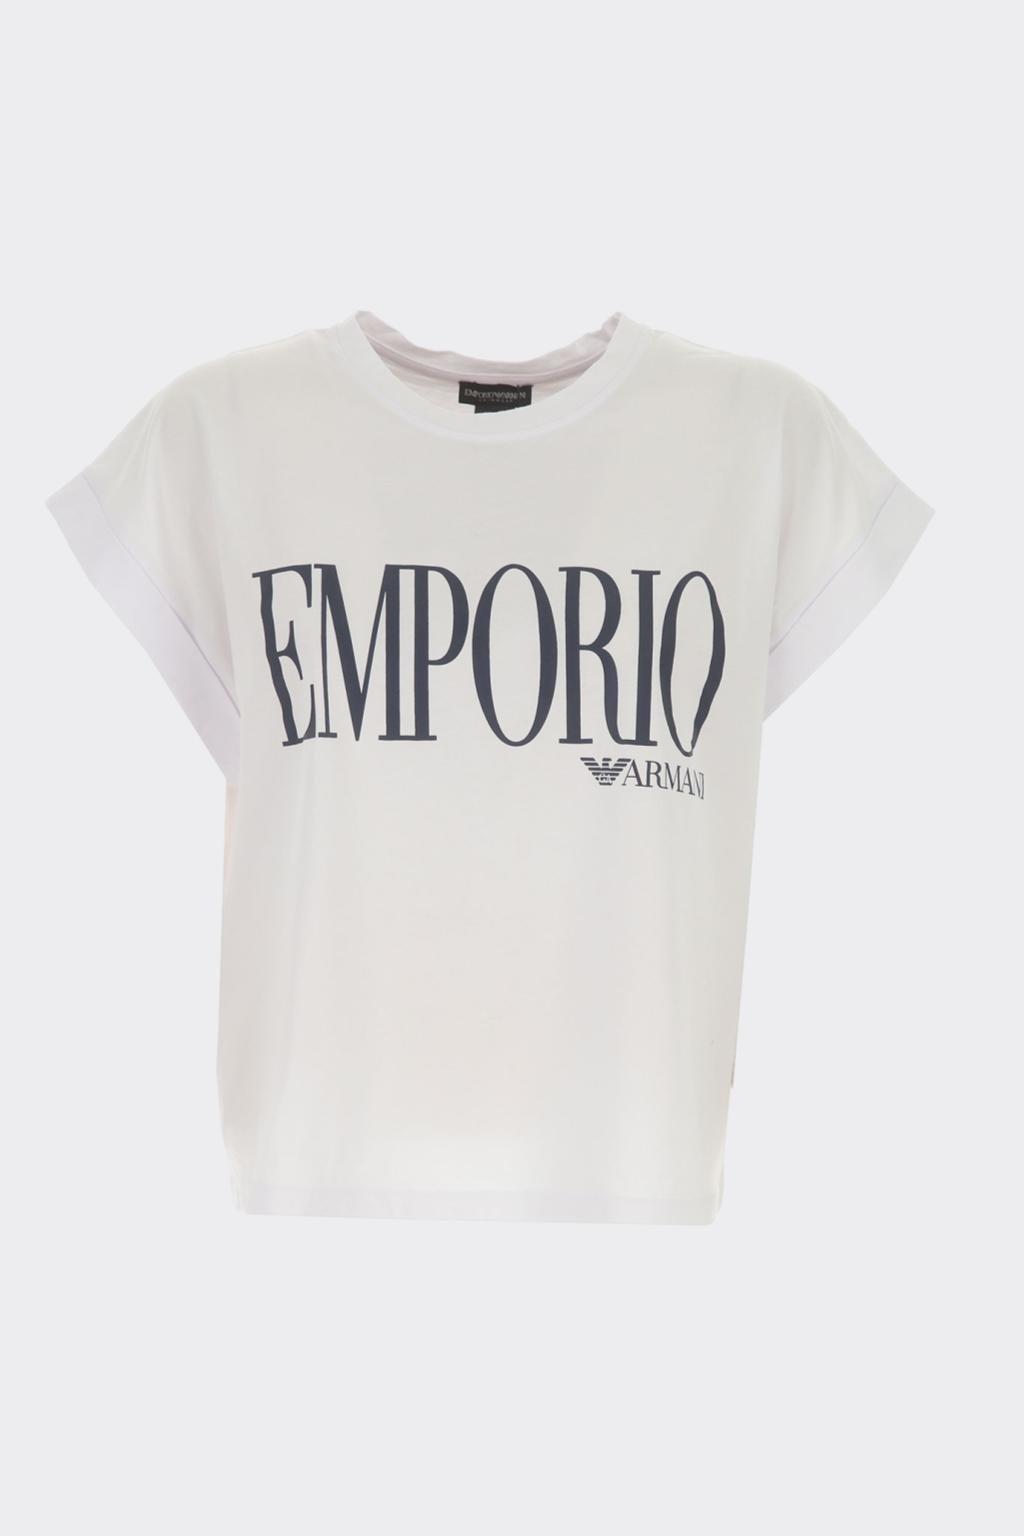 Emporio Armani Logo tričko dámské- bílé